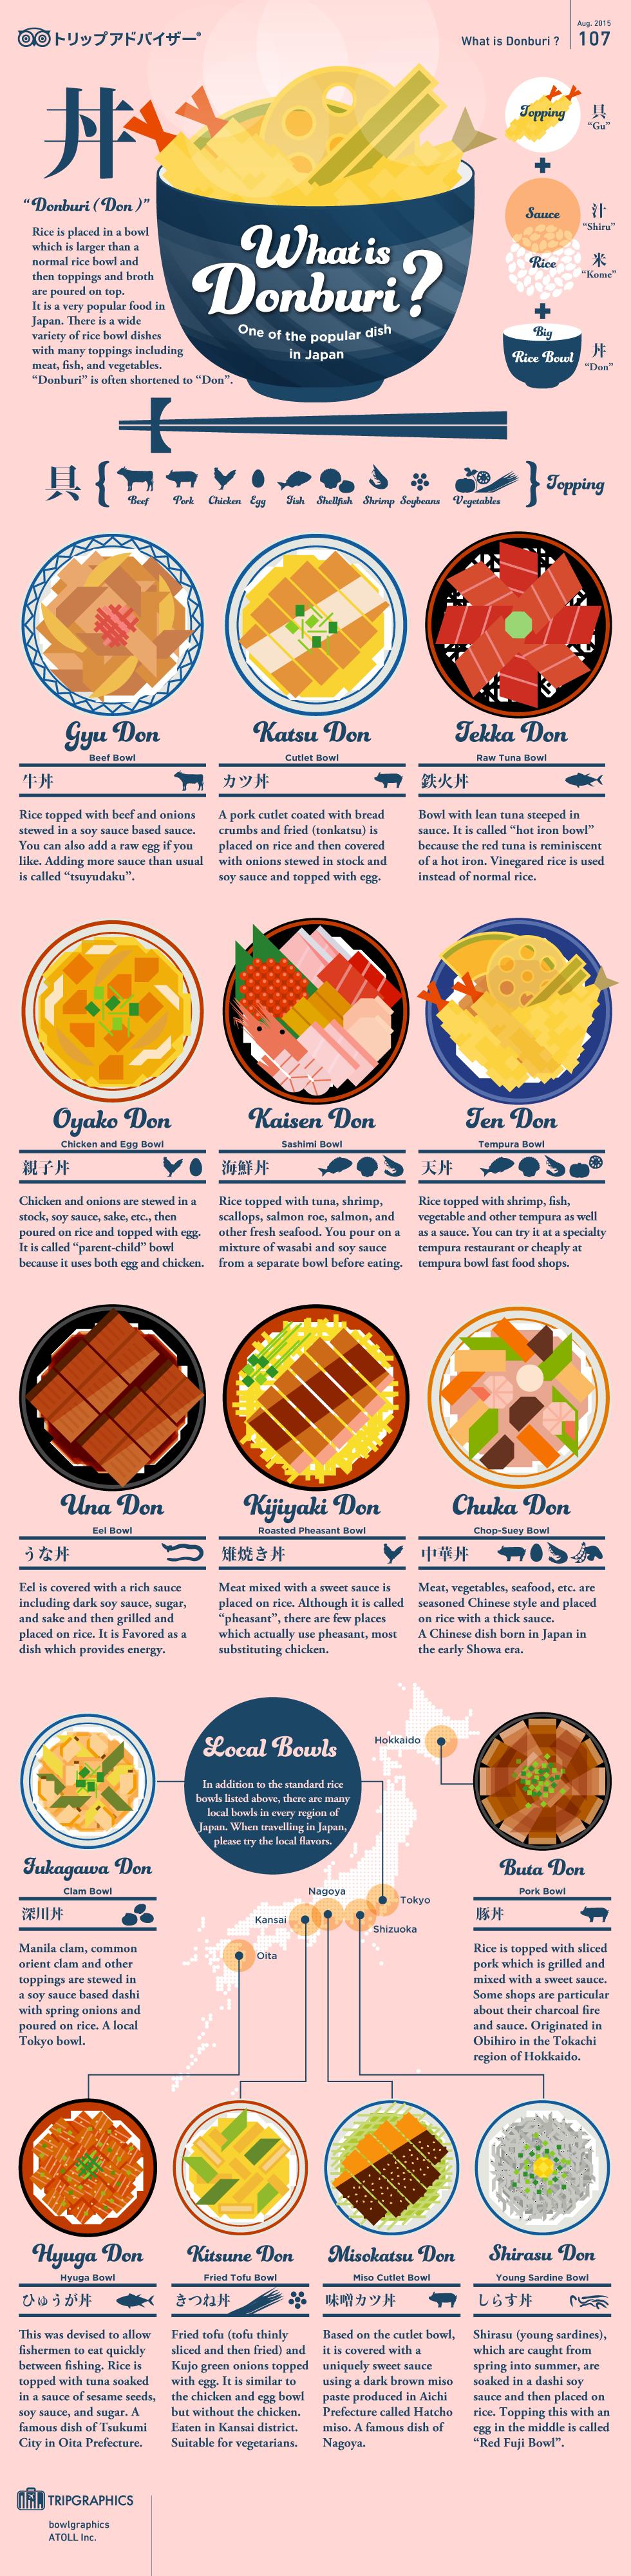 インフォグラフィック:丼レシピ日本代表15選抜。日本各地で育った食文化